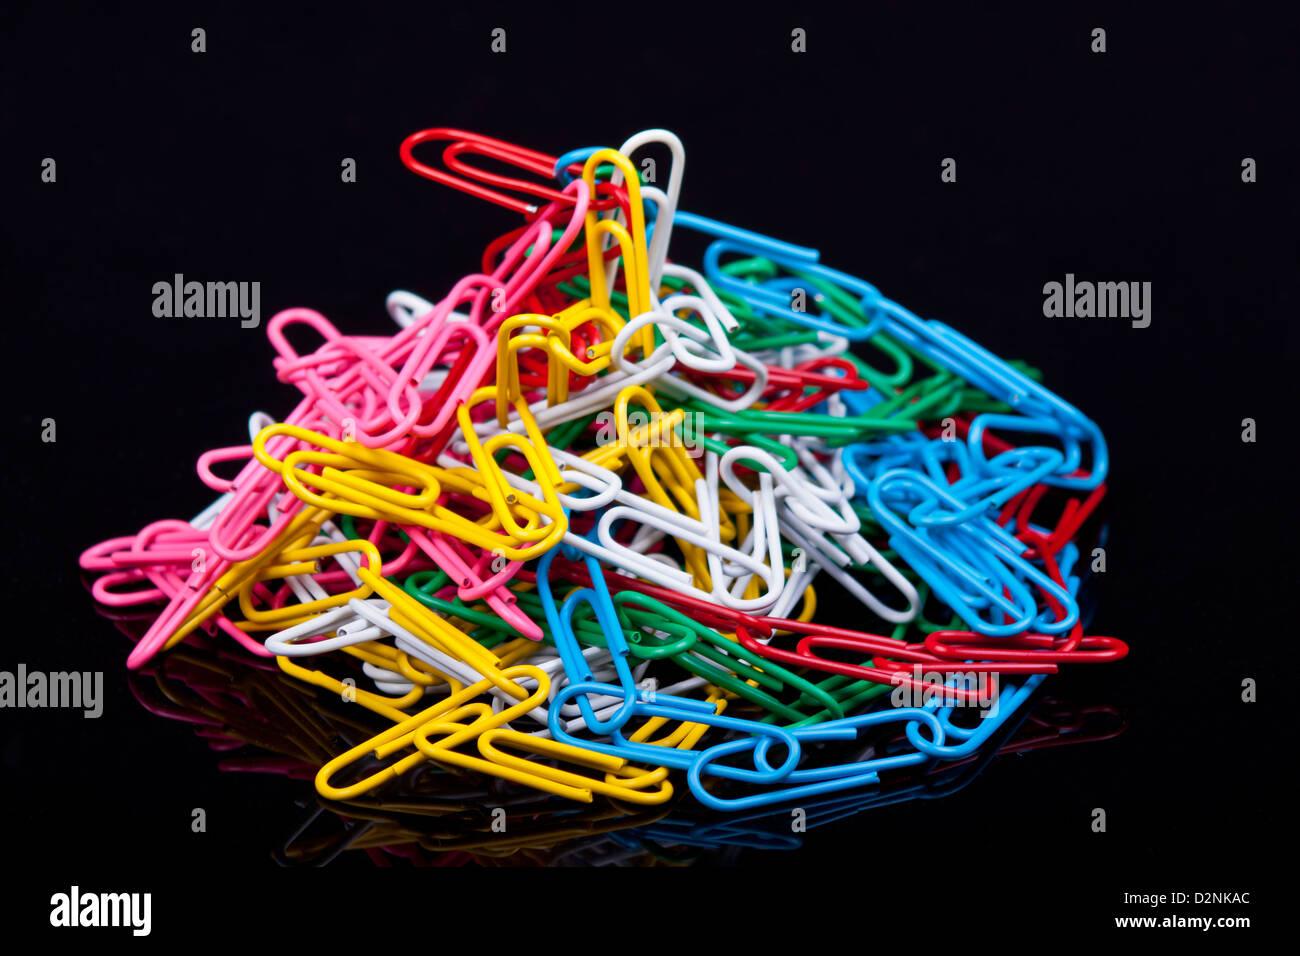 Photo de trombones colorés sur fond noir Photo Stock